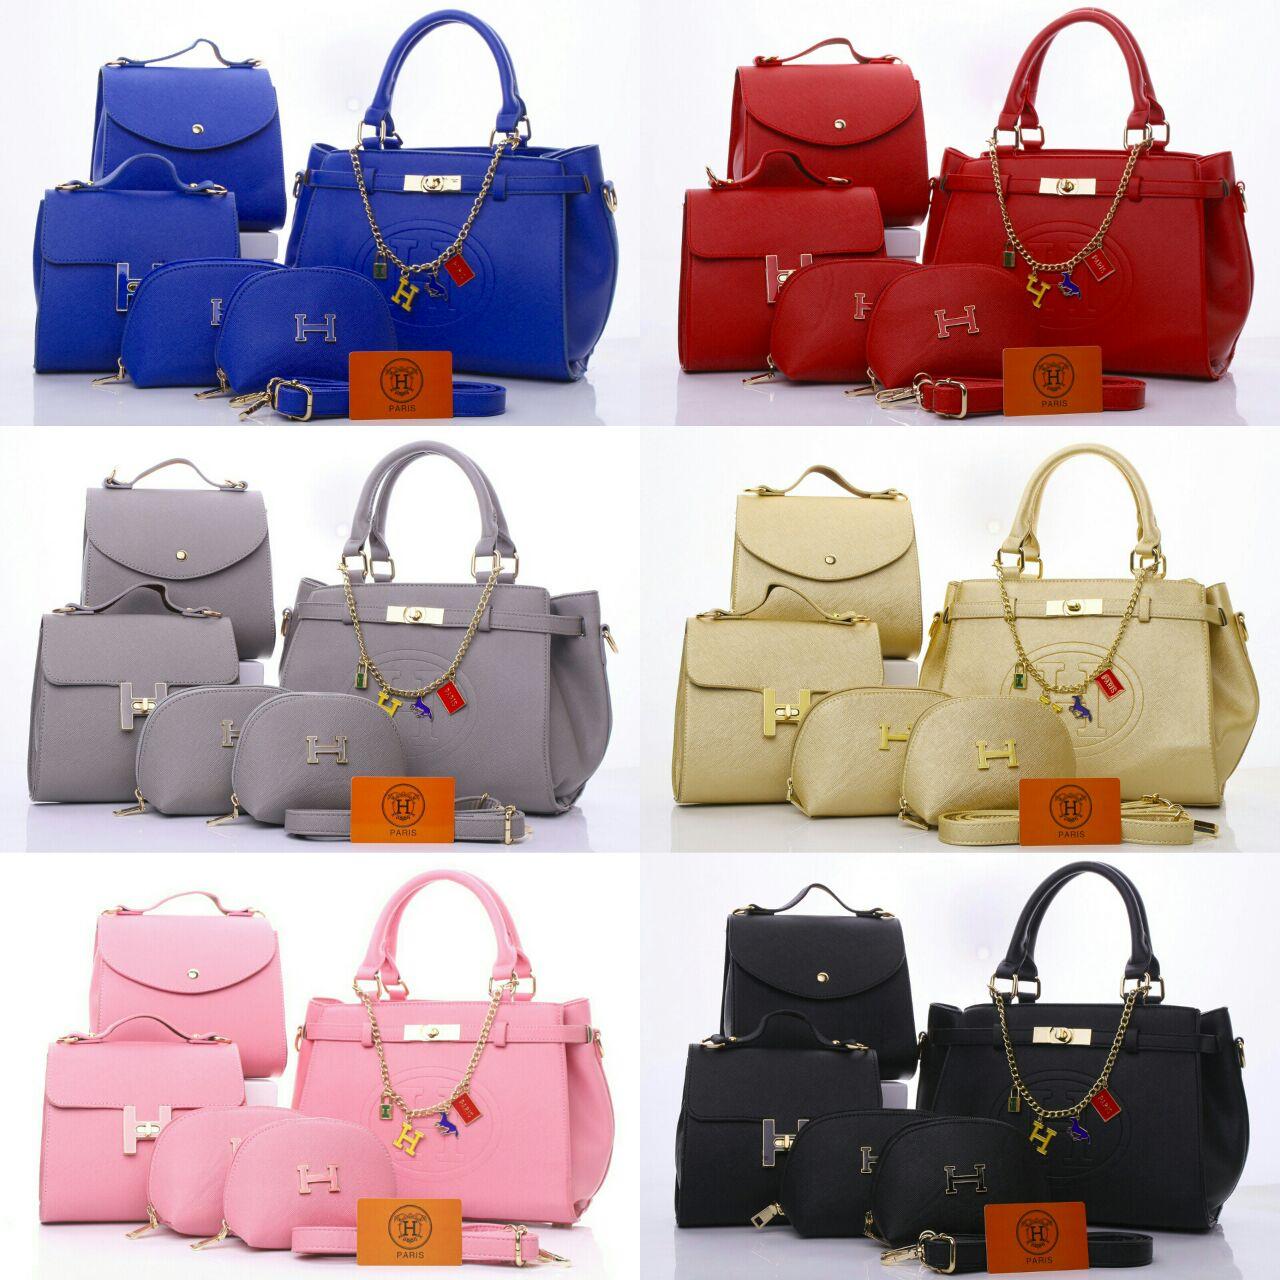 Tas Hermes Import Premium Branded Bag - Daftar Harga Terlengkap ... 9ecf6dd557